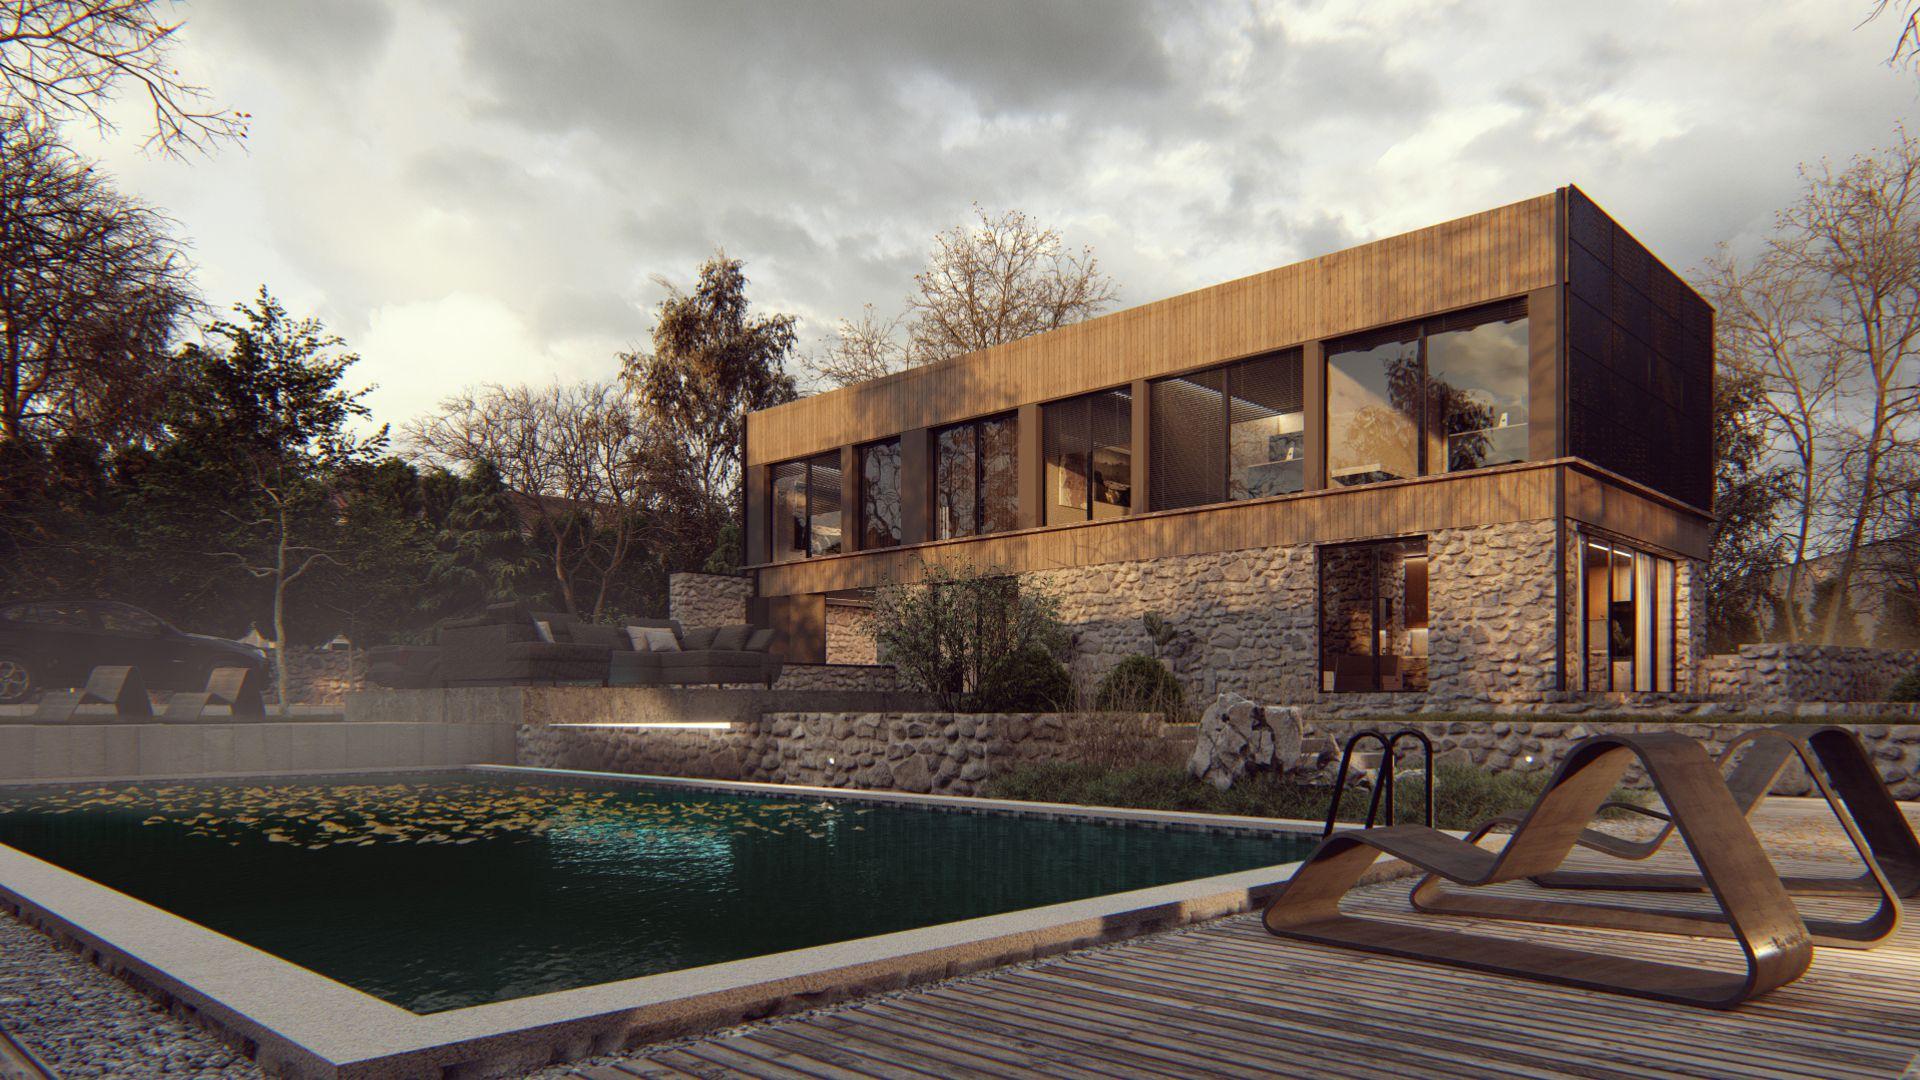 wizualizacje jesienne budynek dom osiedle jesień 3D